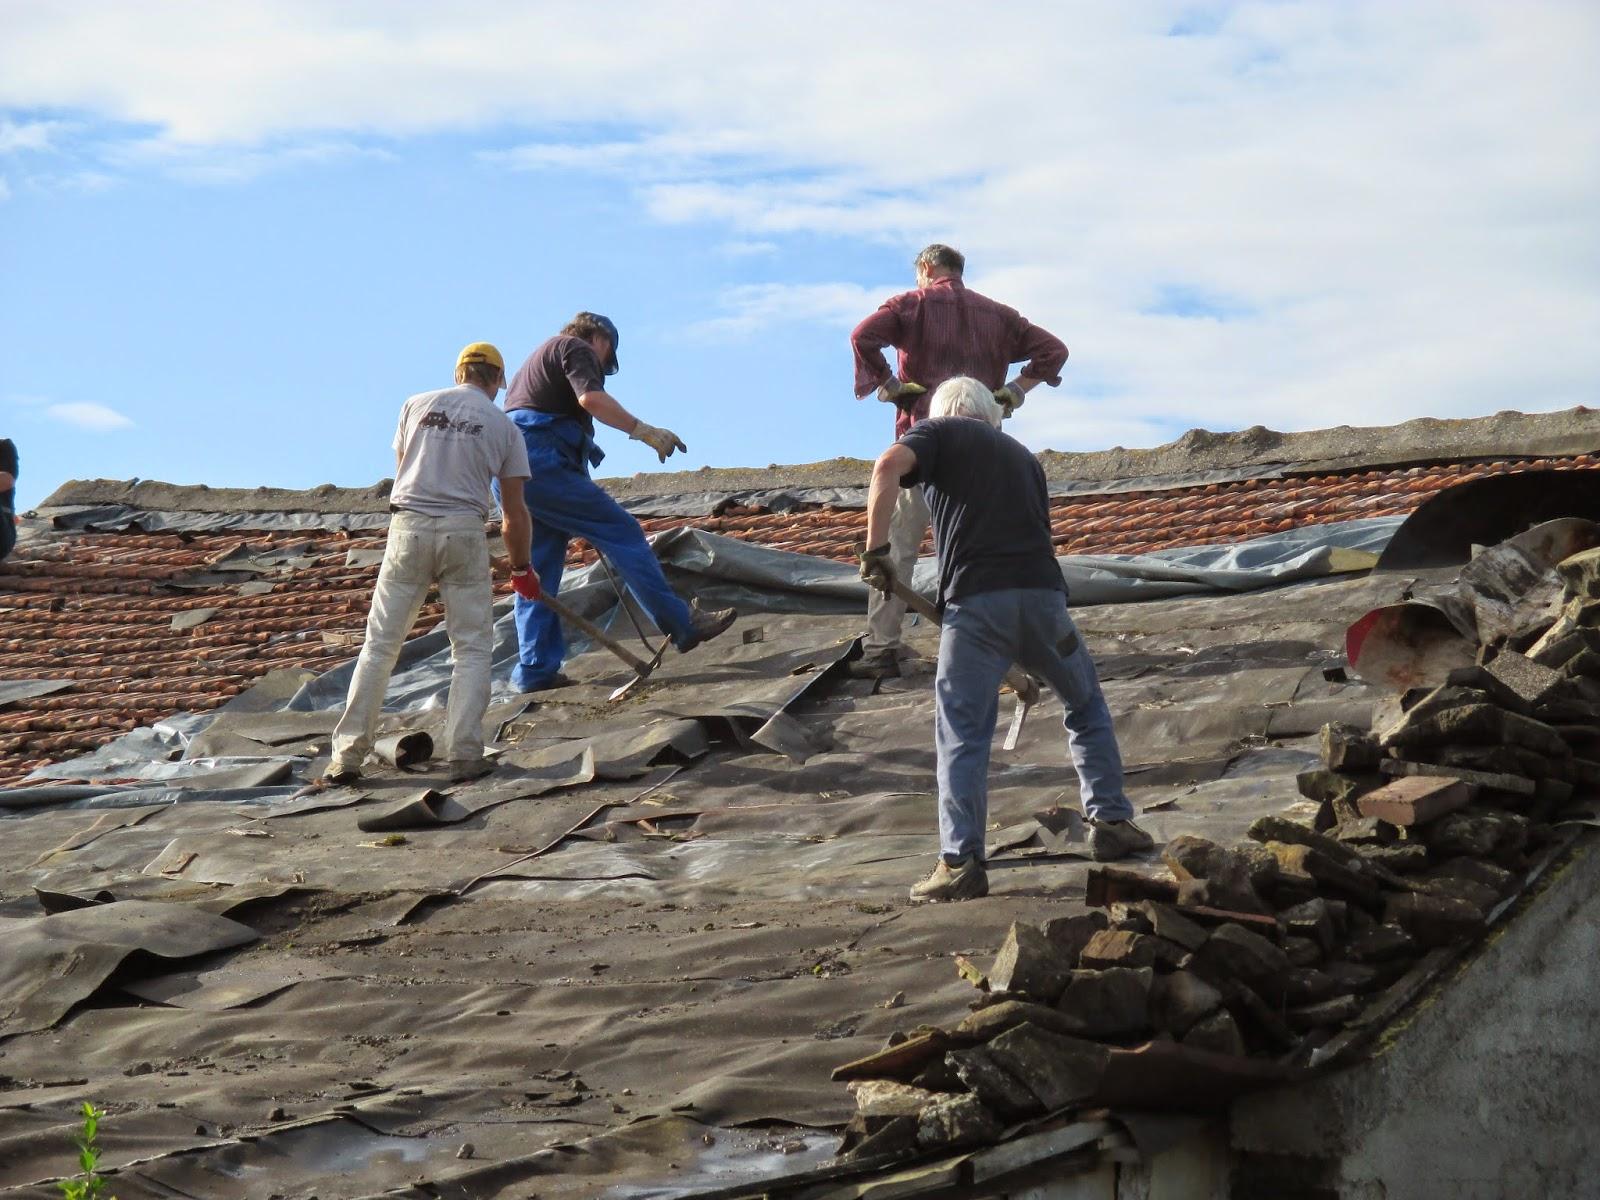 Delovna akcija Rečica, Ilirska Bistrica, 27., 28., 29., 30. 9. 2014 - IMG_0057.jpg